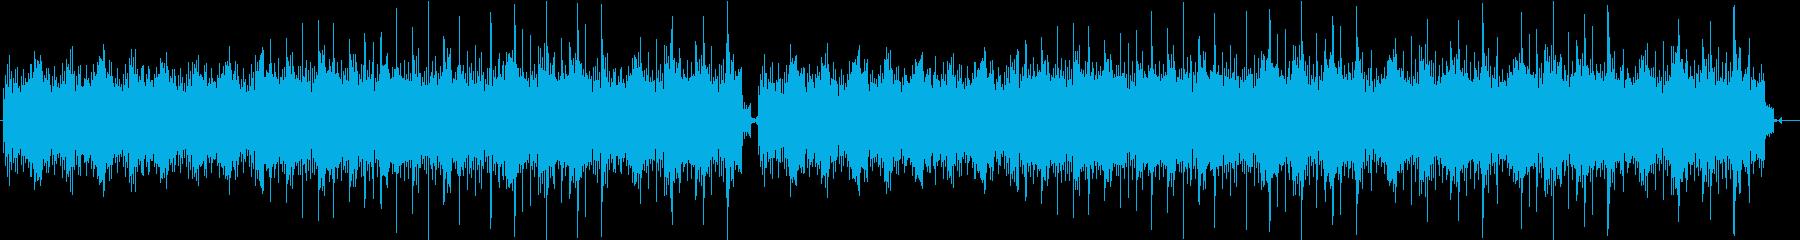 透明感あるピアノソロの再生済みの波形